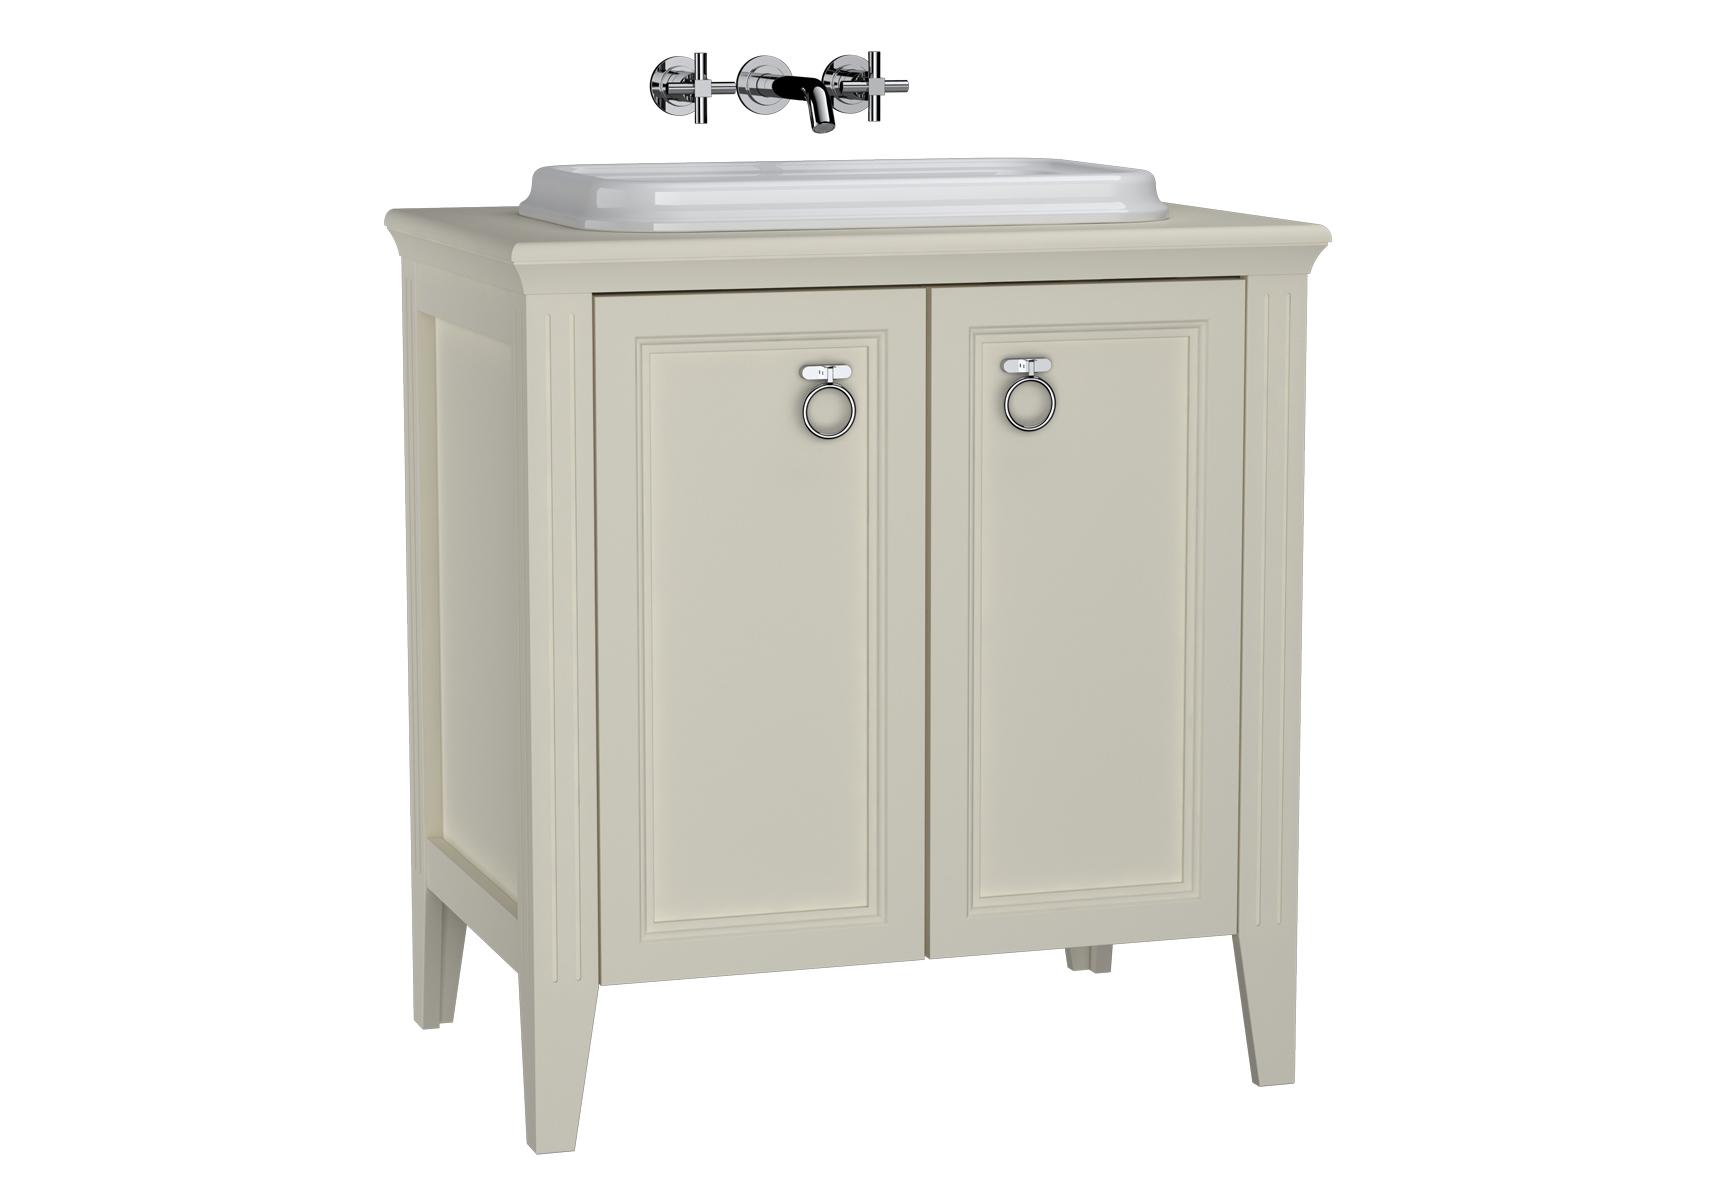 Valarte meuble sous vasque encastrée, 80 cm, avec portes, ivoire mat